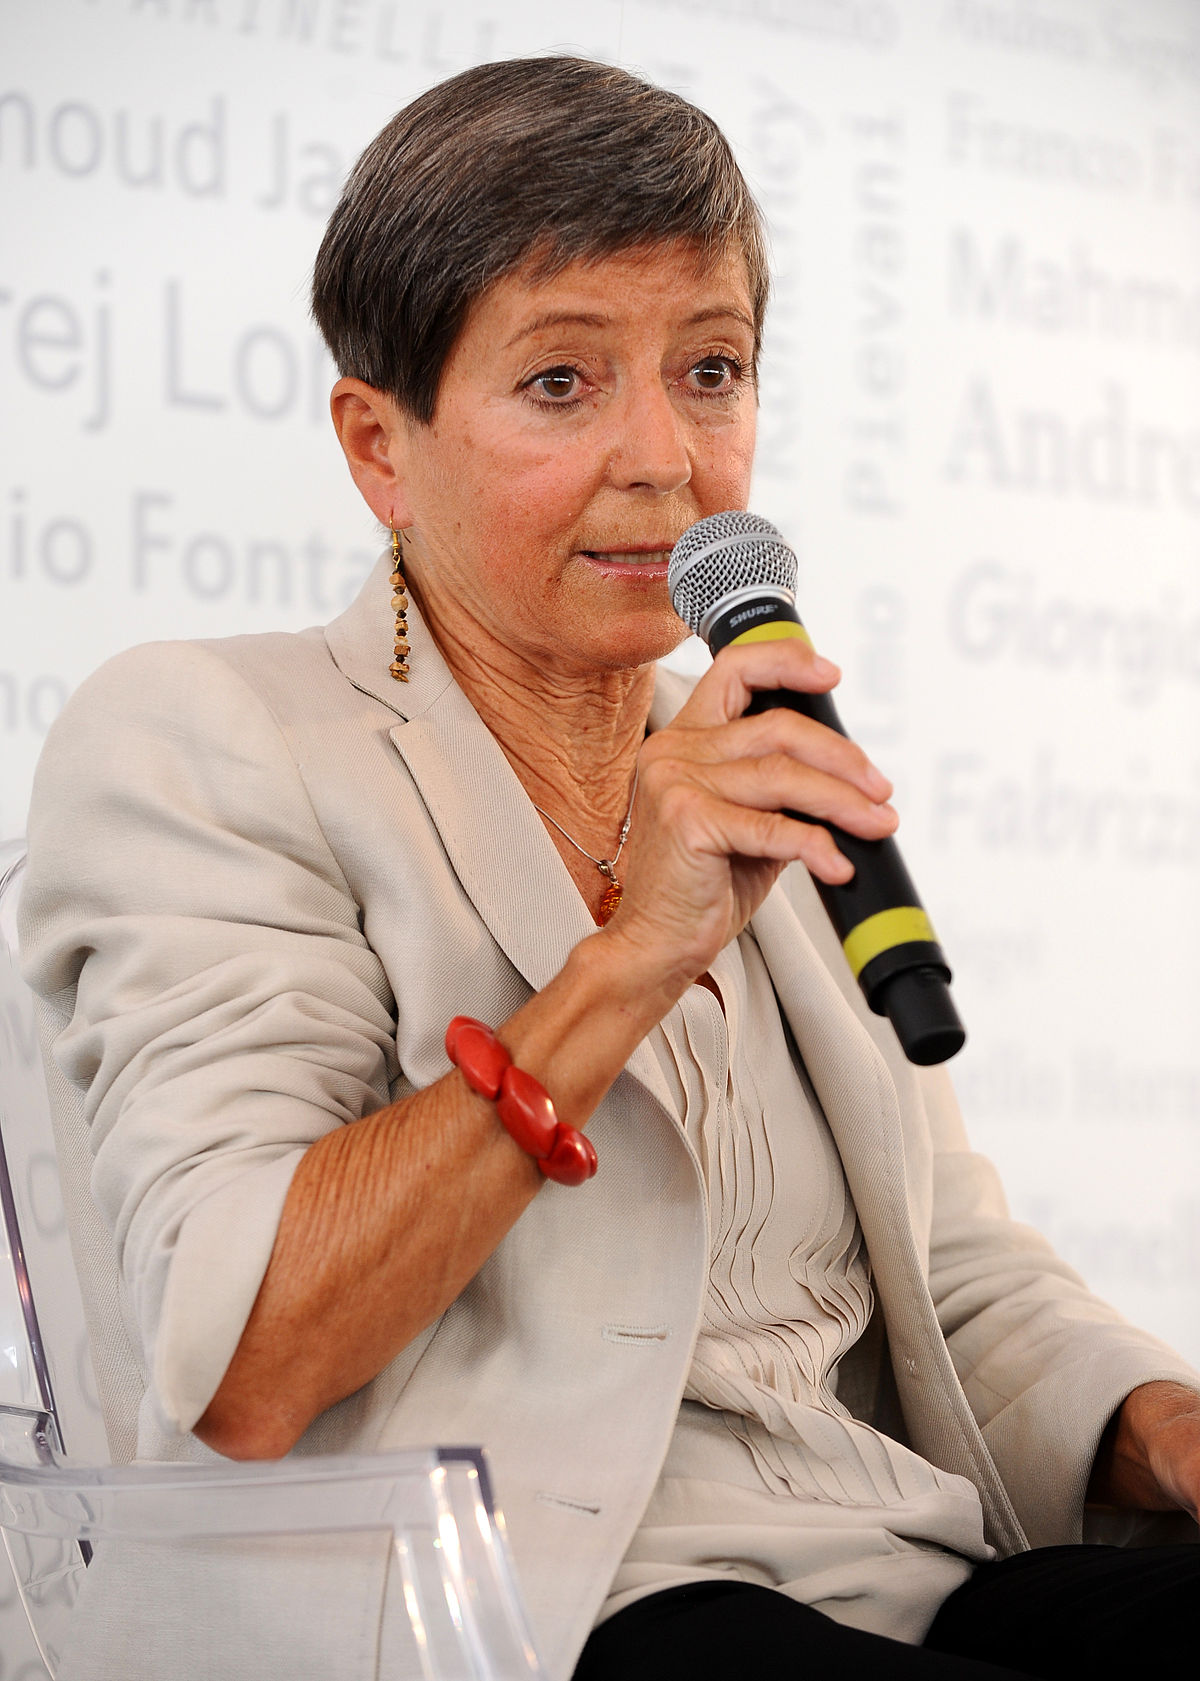 Laura Boella - Wikipedia